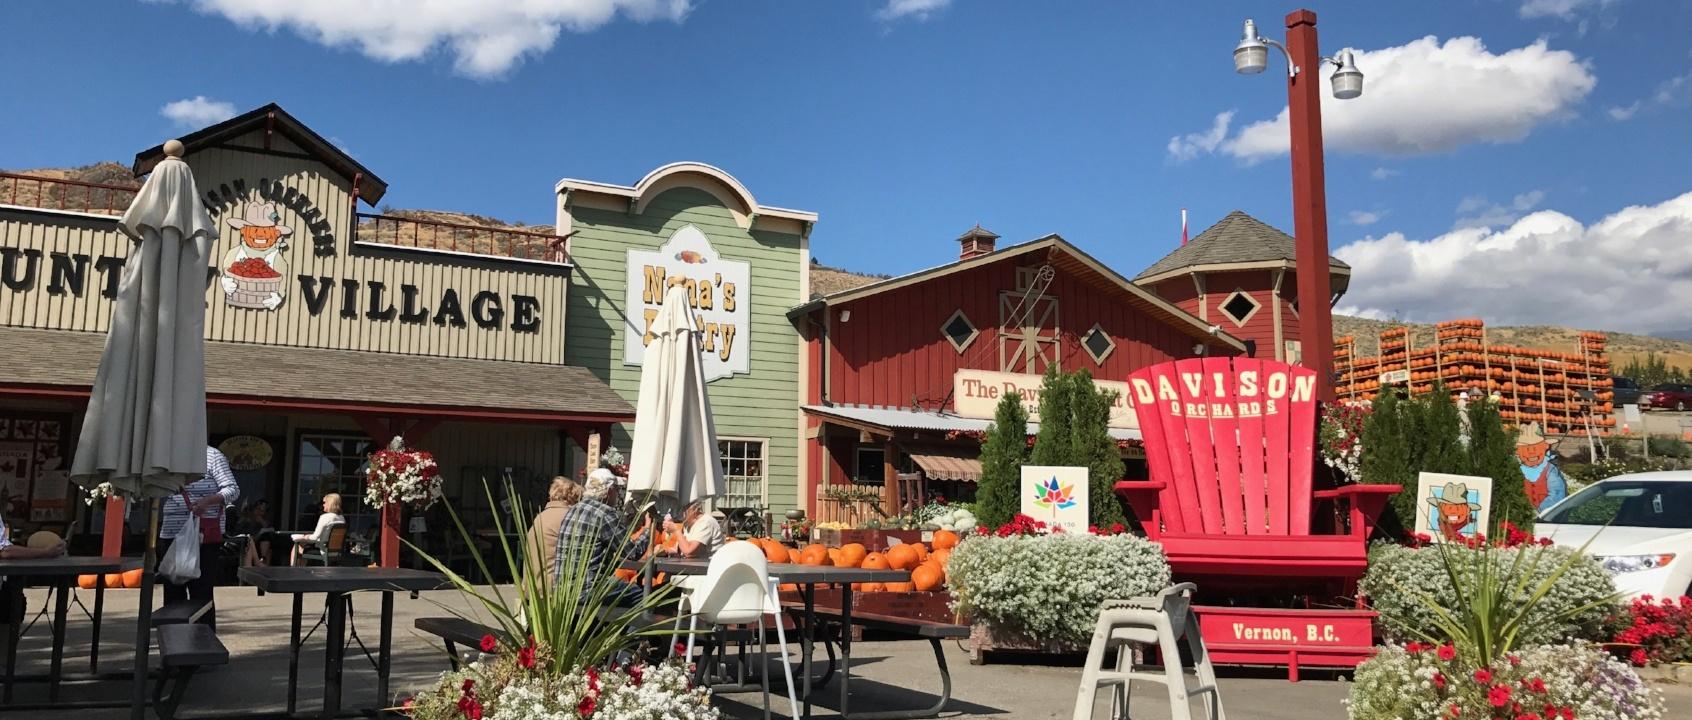 Vernon-Village